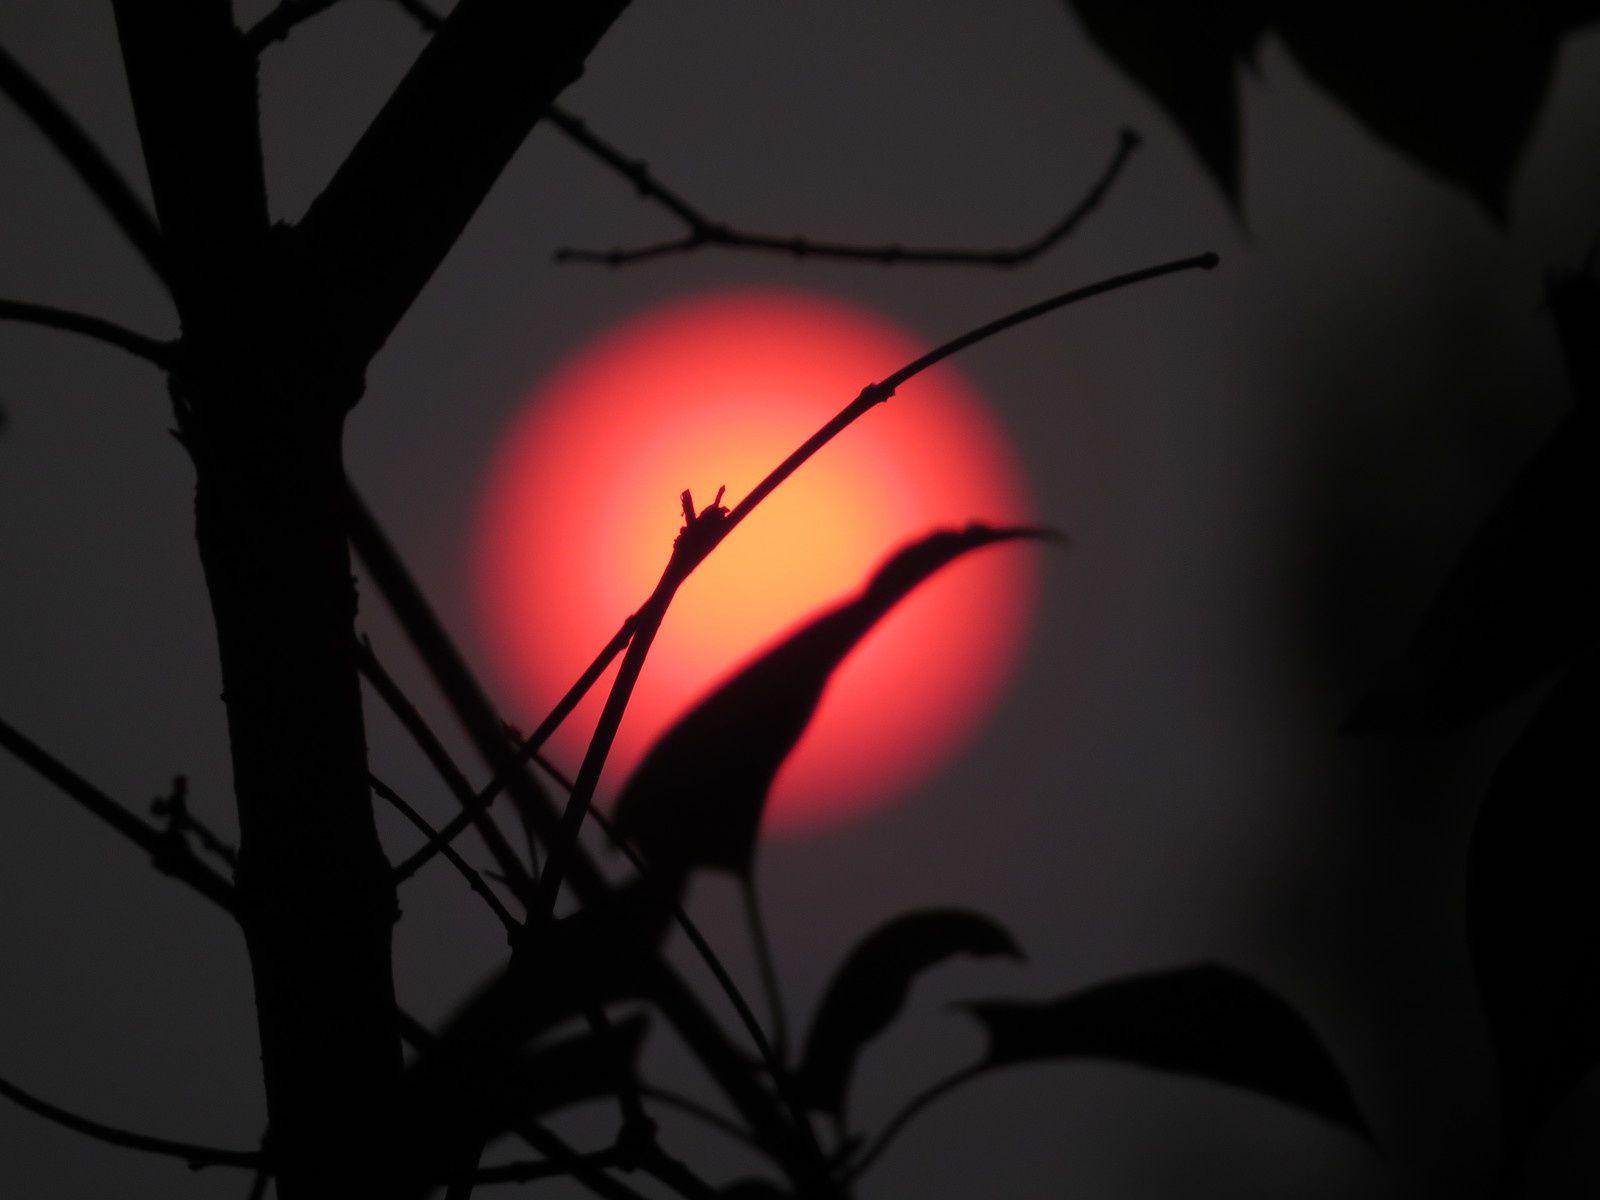 Soleil rouge chez nous c 39 est comme a la vie tout - Soleil rouge aubagne ...